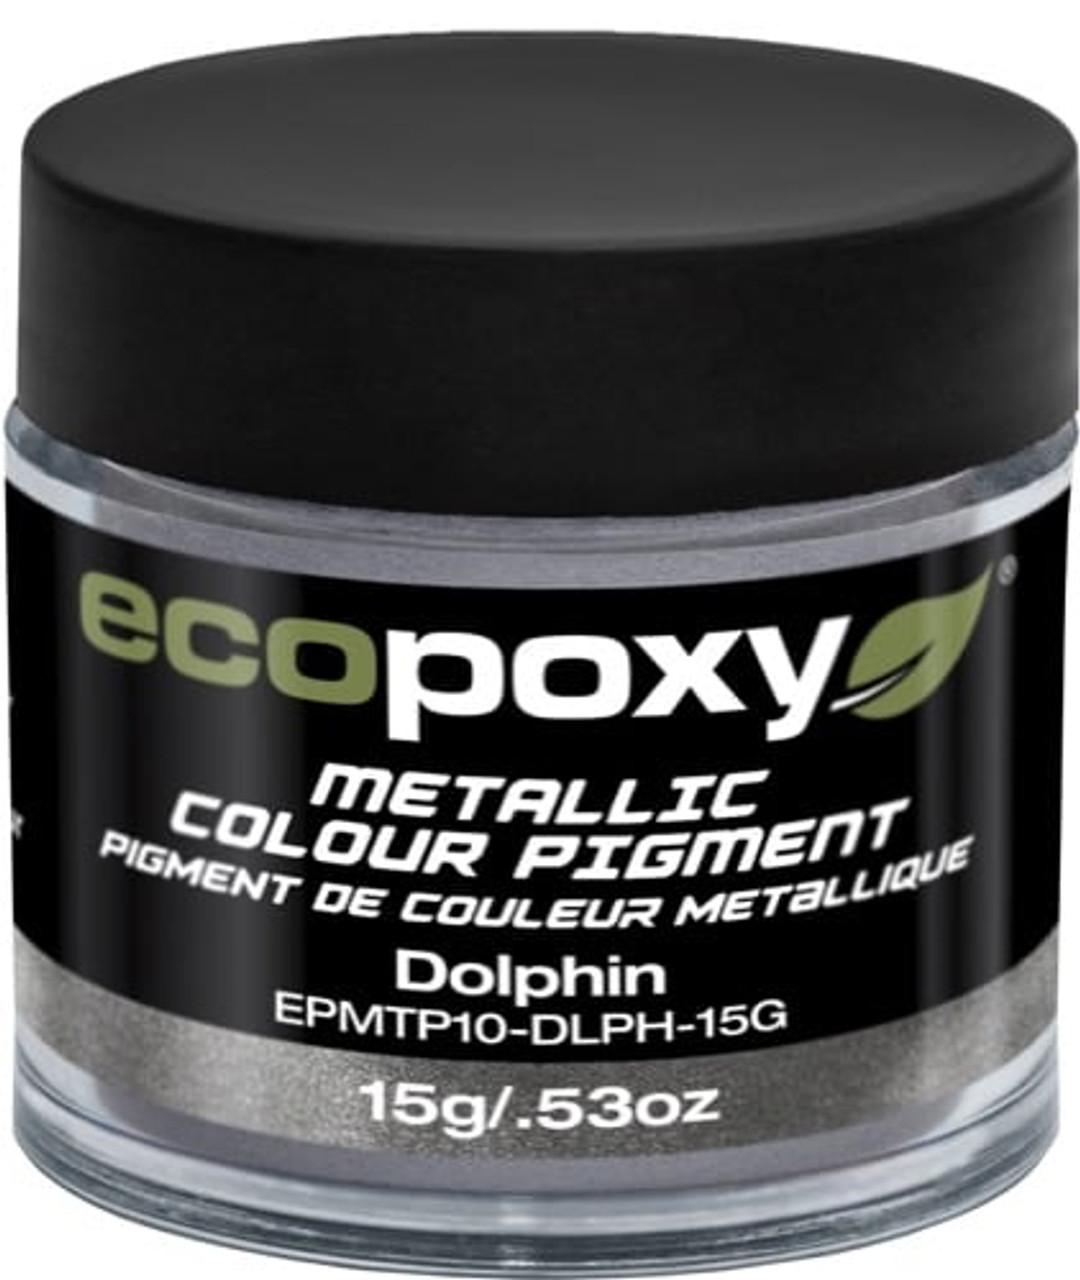 EcoPoxy - 15g Metallic ColorPigment - Dolphin (628199906035)